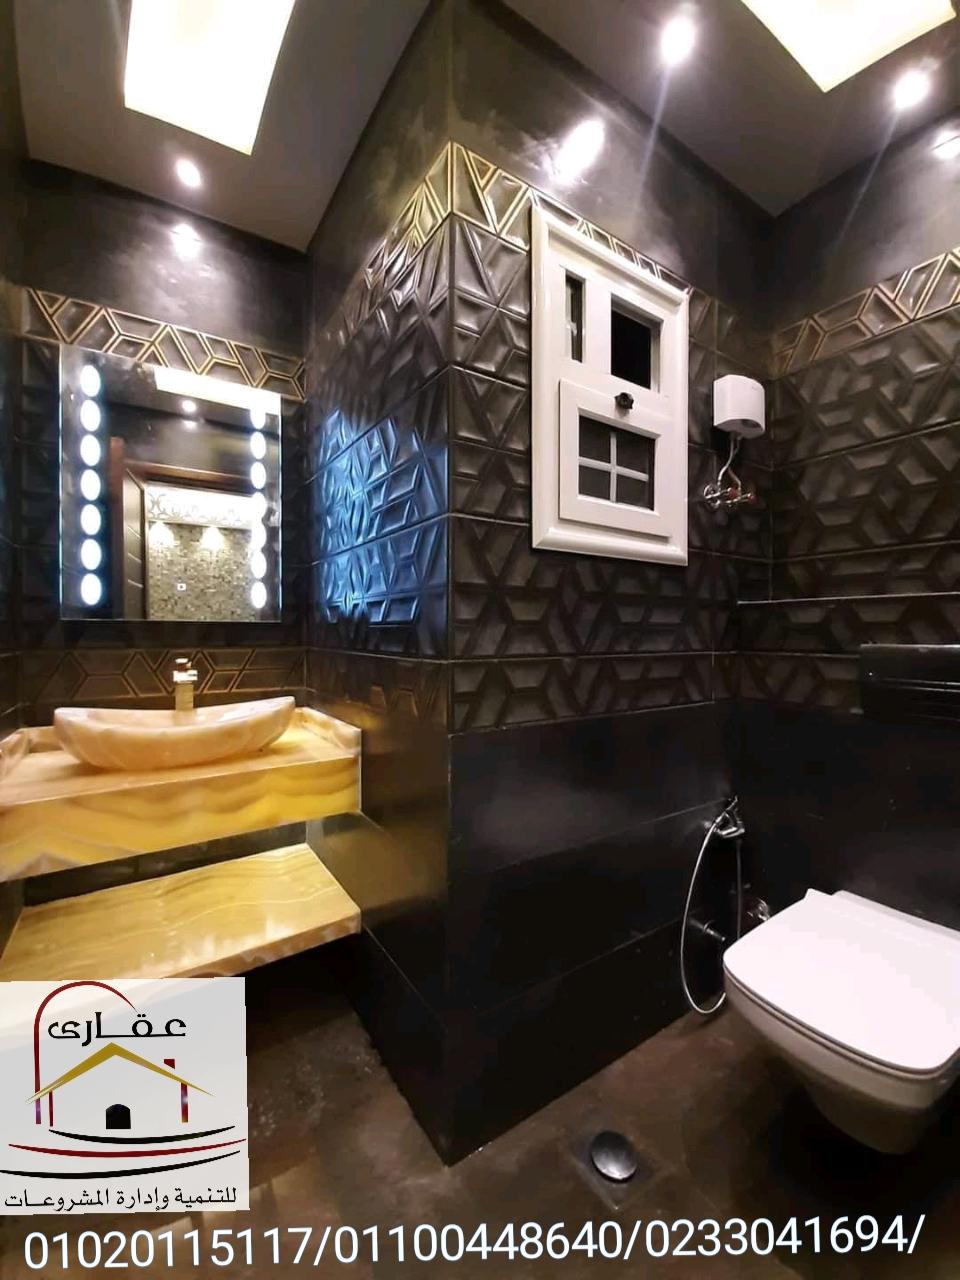 ديكورات حمامات - ديكورات حمامات للمساحات الصغيرة  (عقارى 01020115117) Whats435